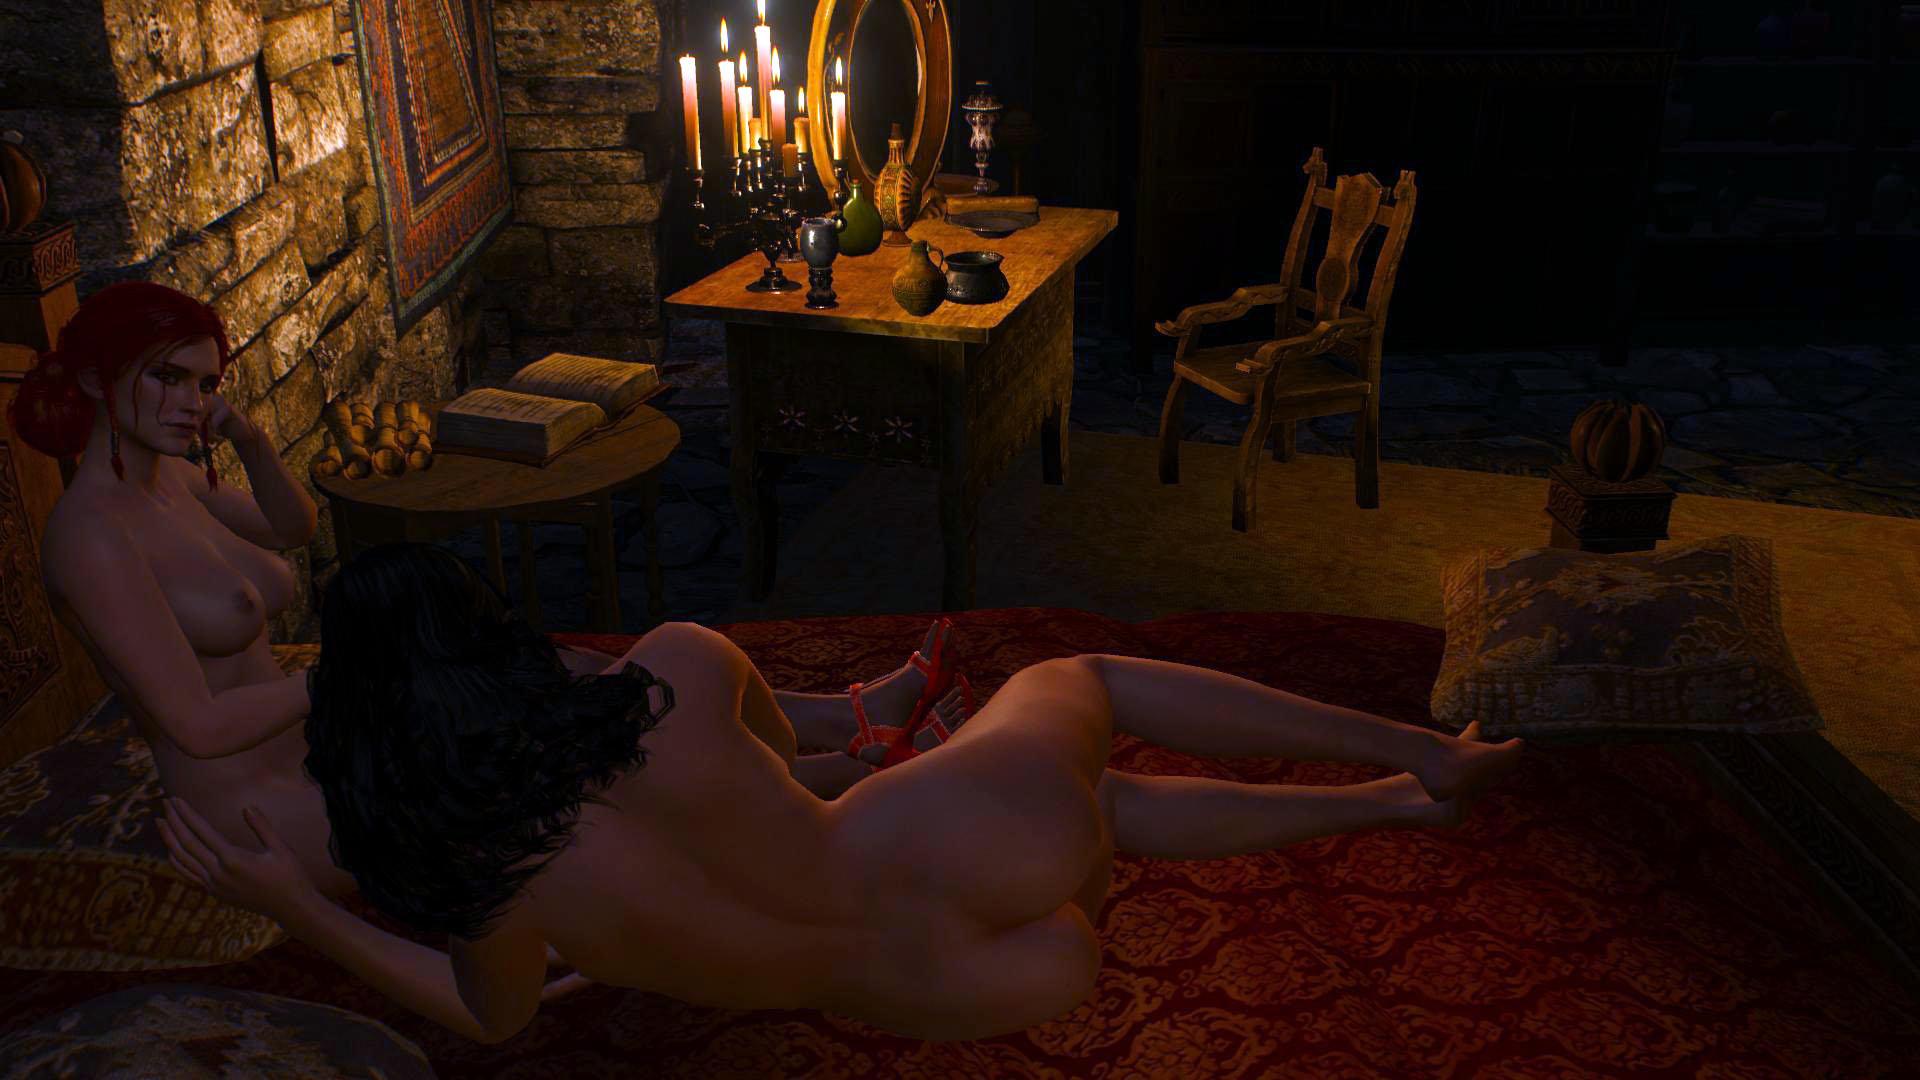 witcher3 2020-11-21 19-17-39-06.jpg